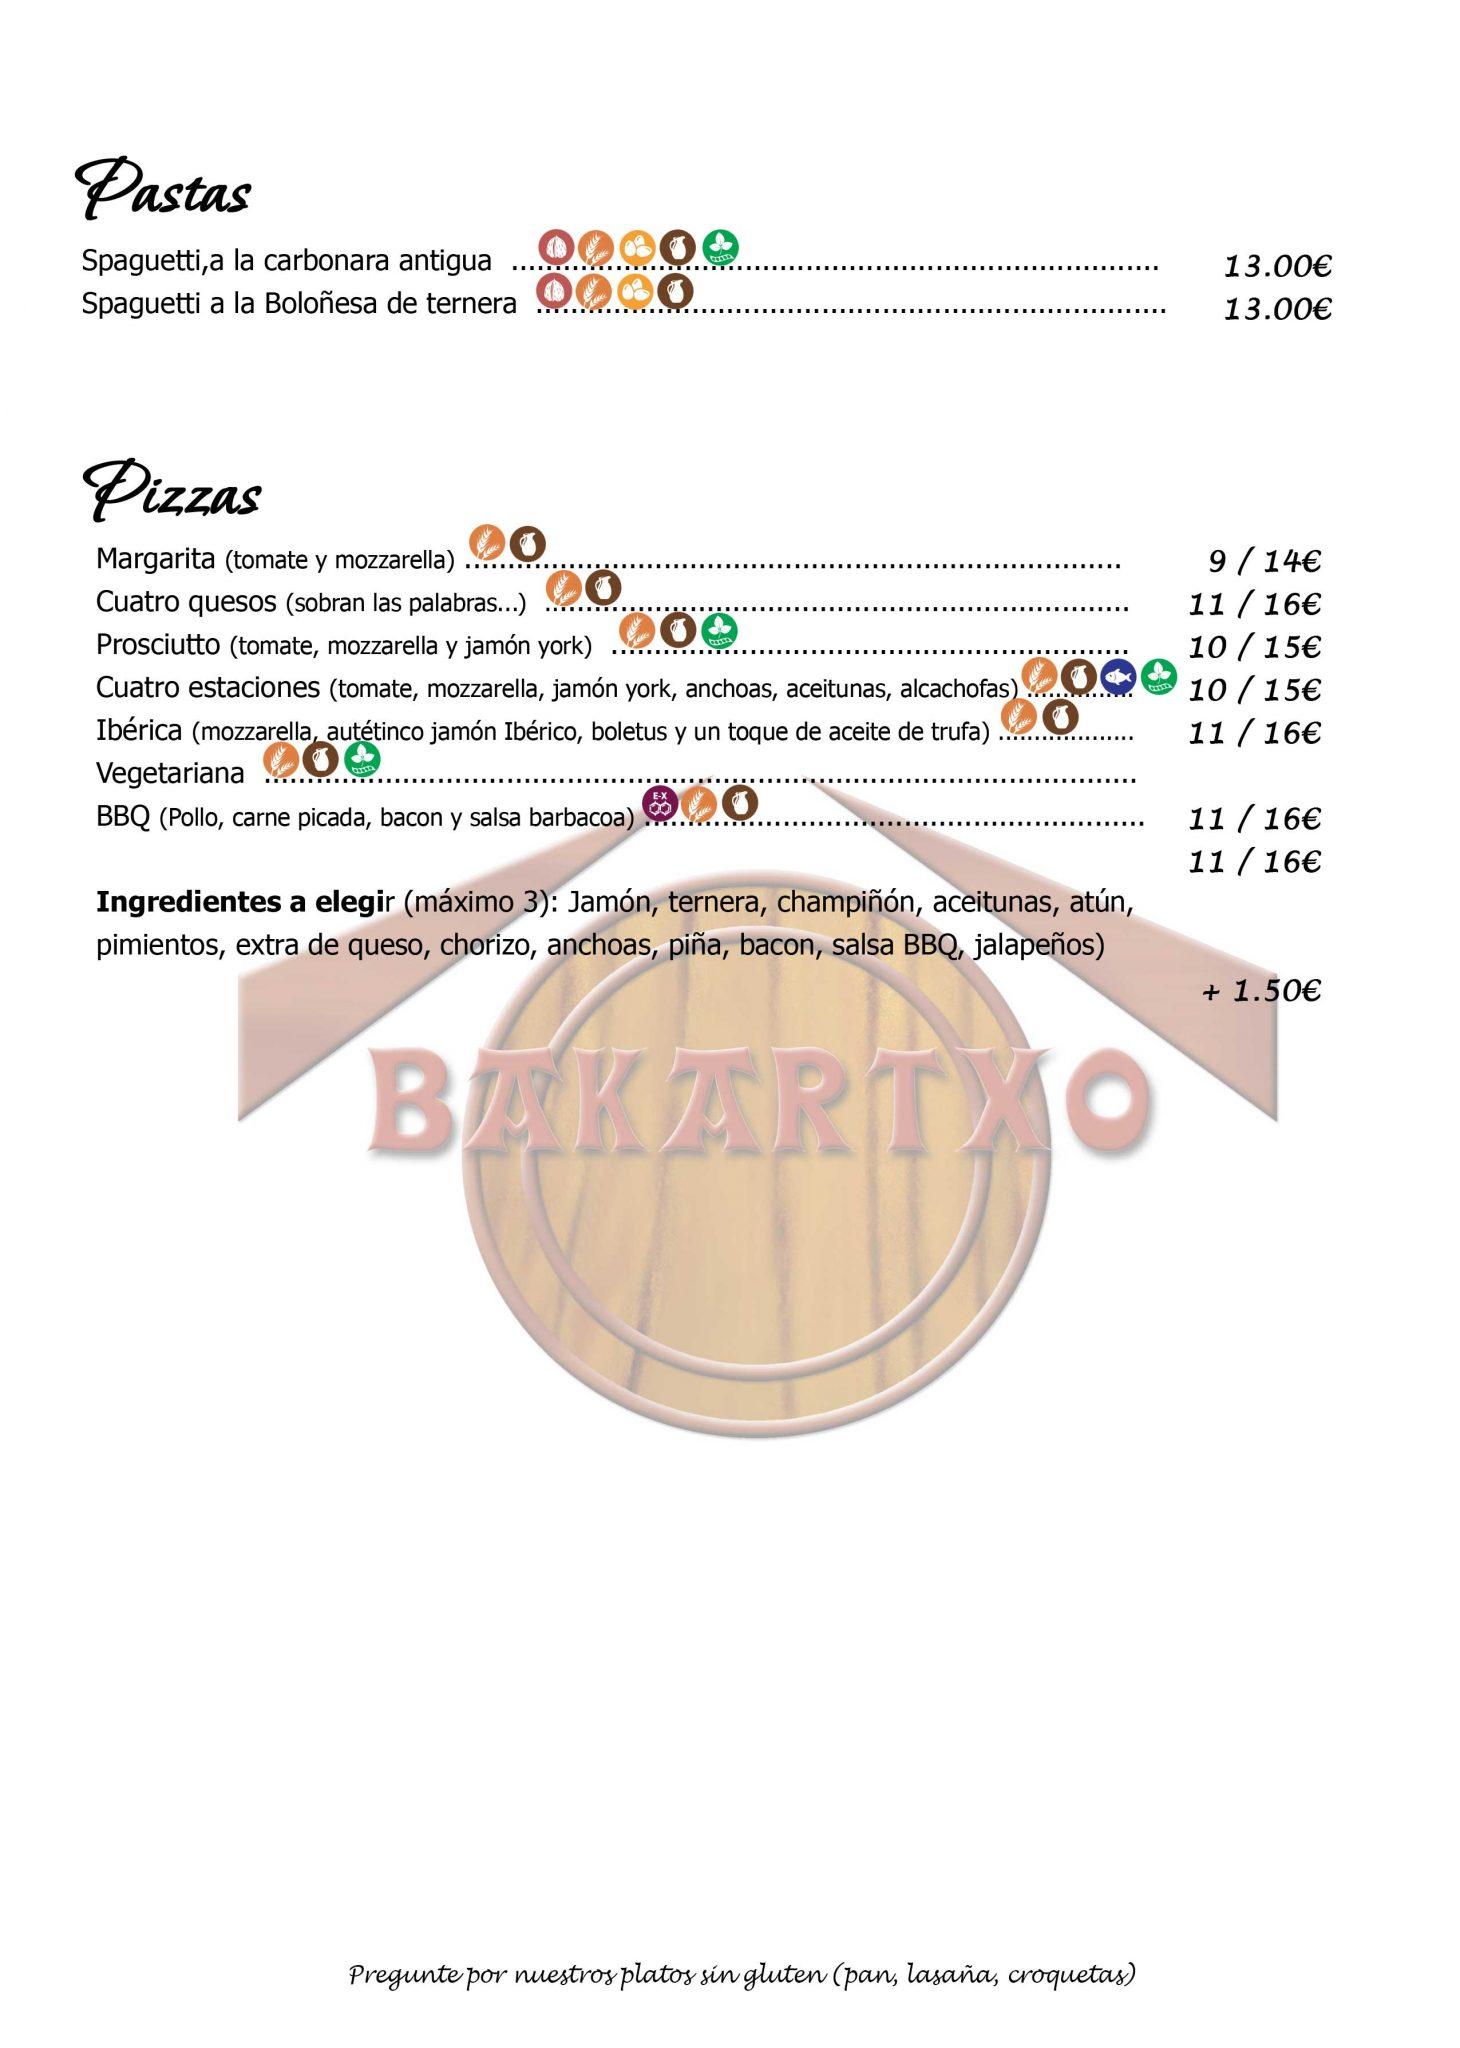 Carta Restaurante Bakartxo